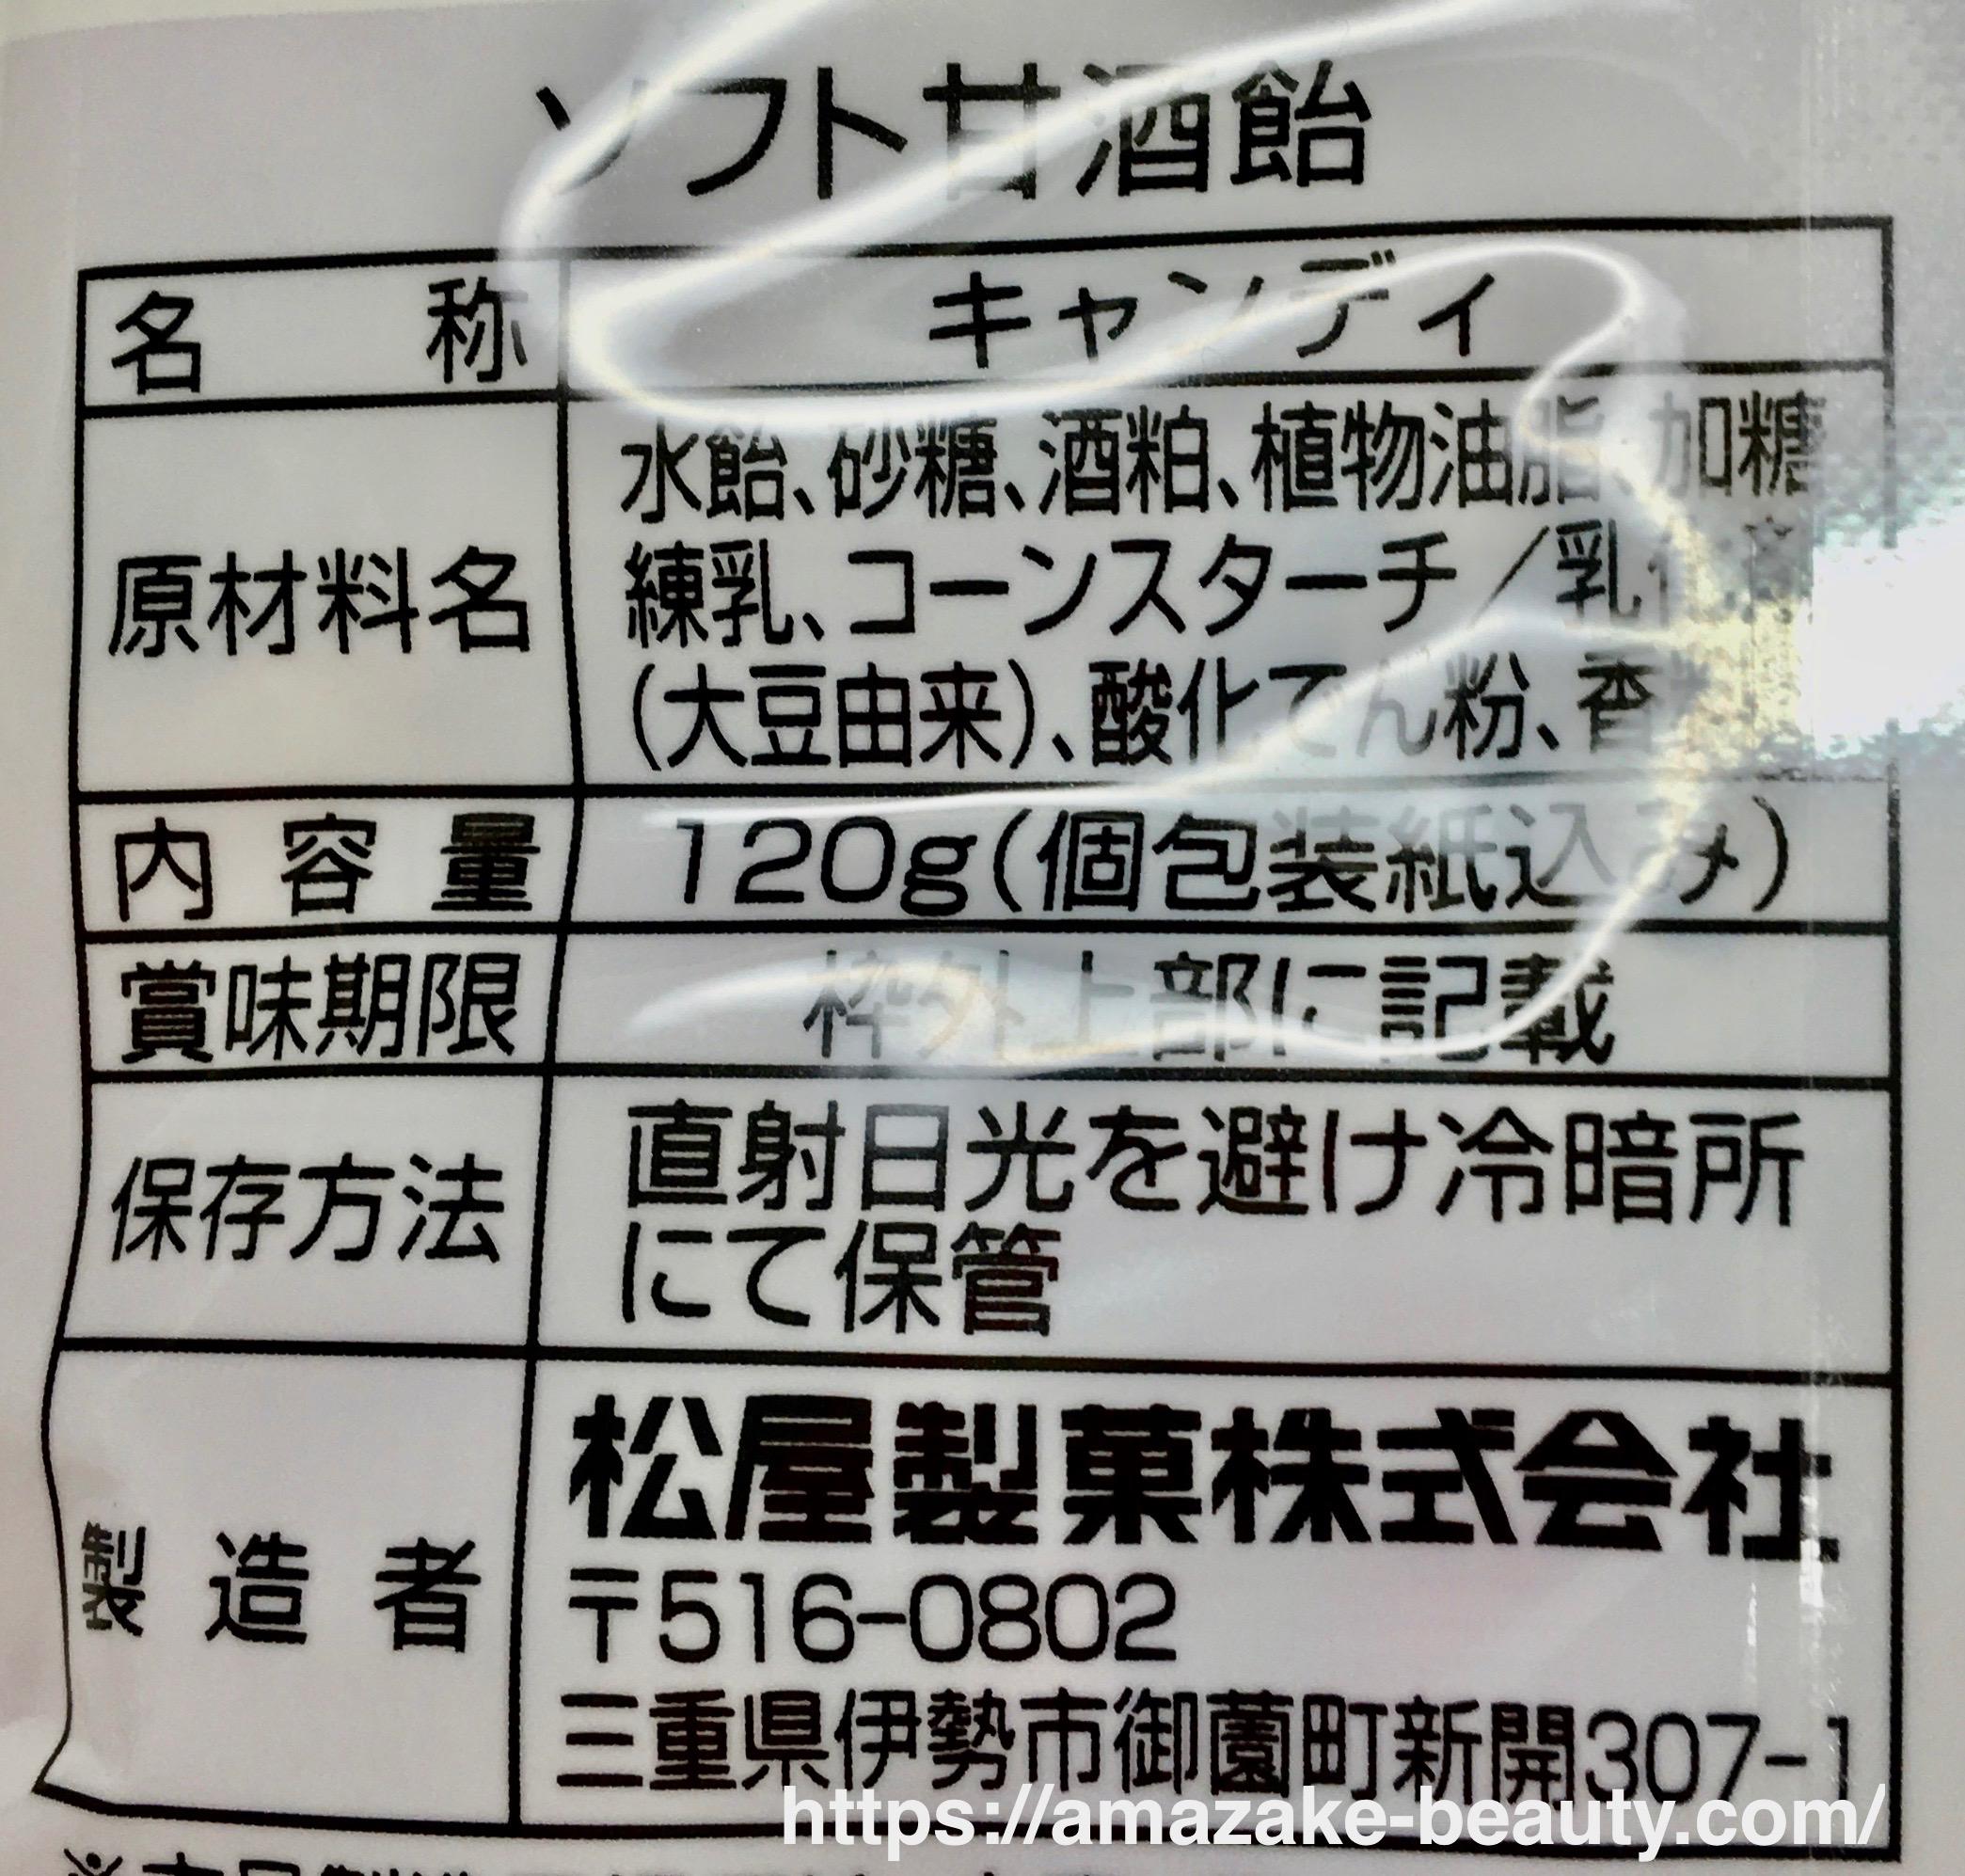 【甘酒甘味】松屋製菓『ソフト甘酒飴』(商品情報)